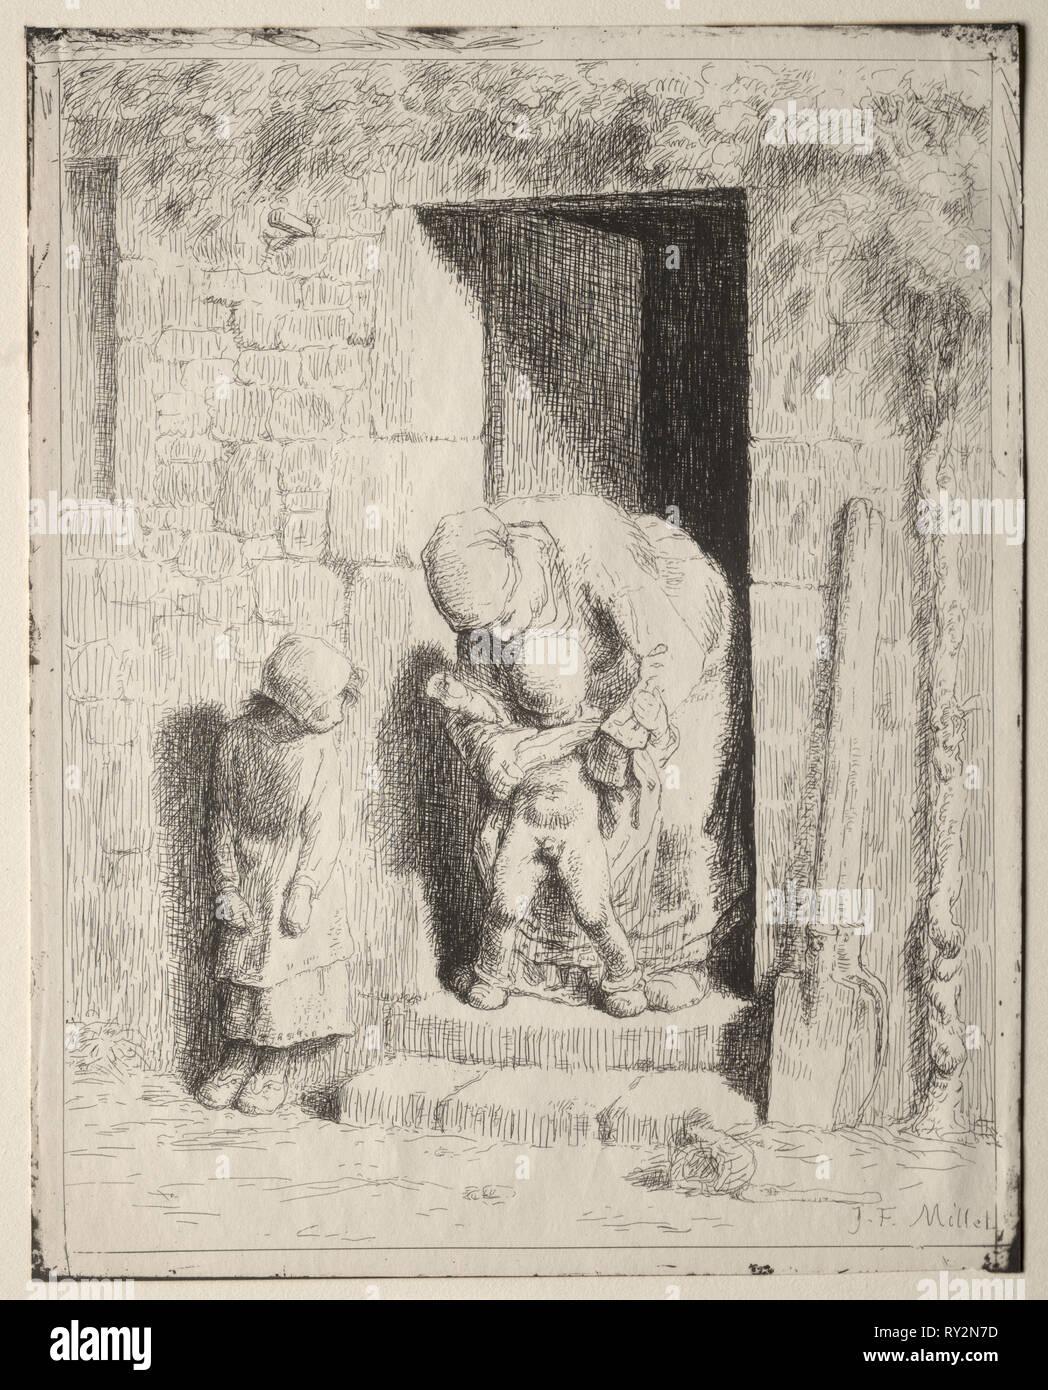 Maternal Precaution. Jean-François Millet (French, 1814-1875). Cliché-verre - Stock Image